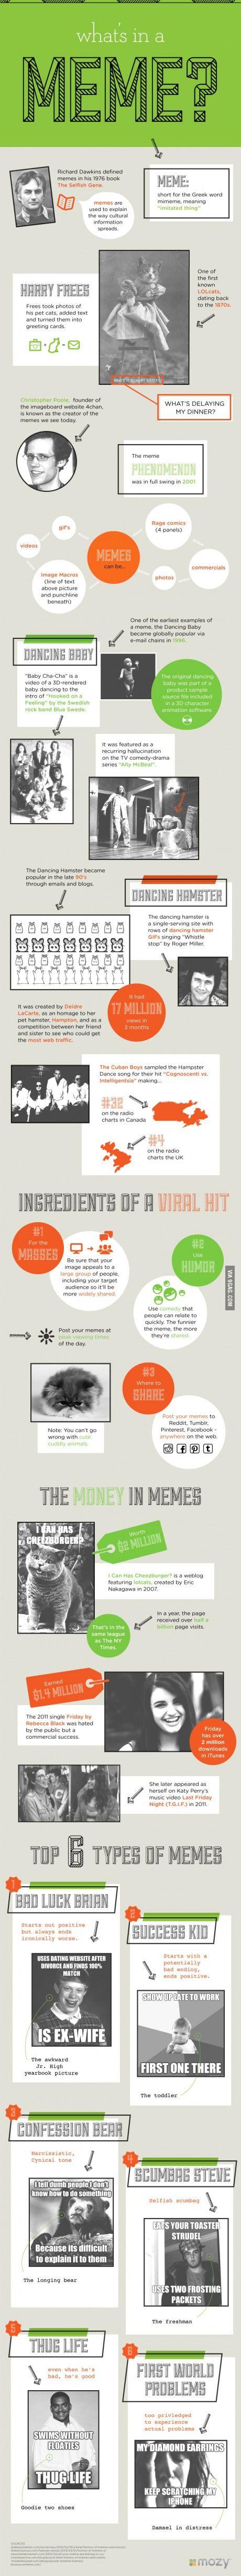 [infographic] Het succesverhaal van Meme's - 42bis »